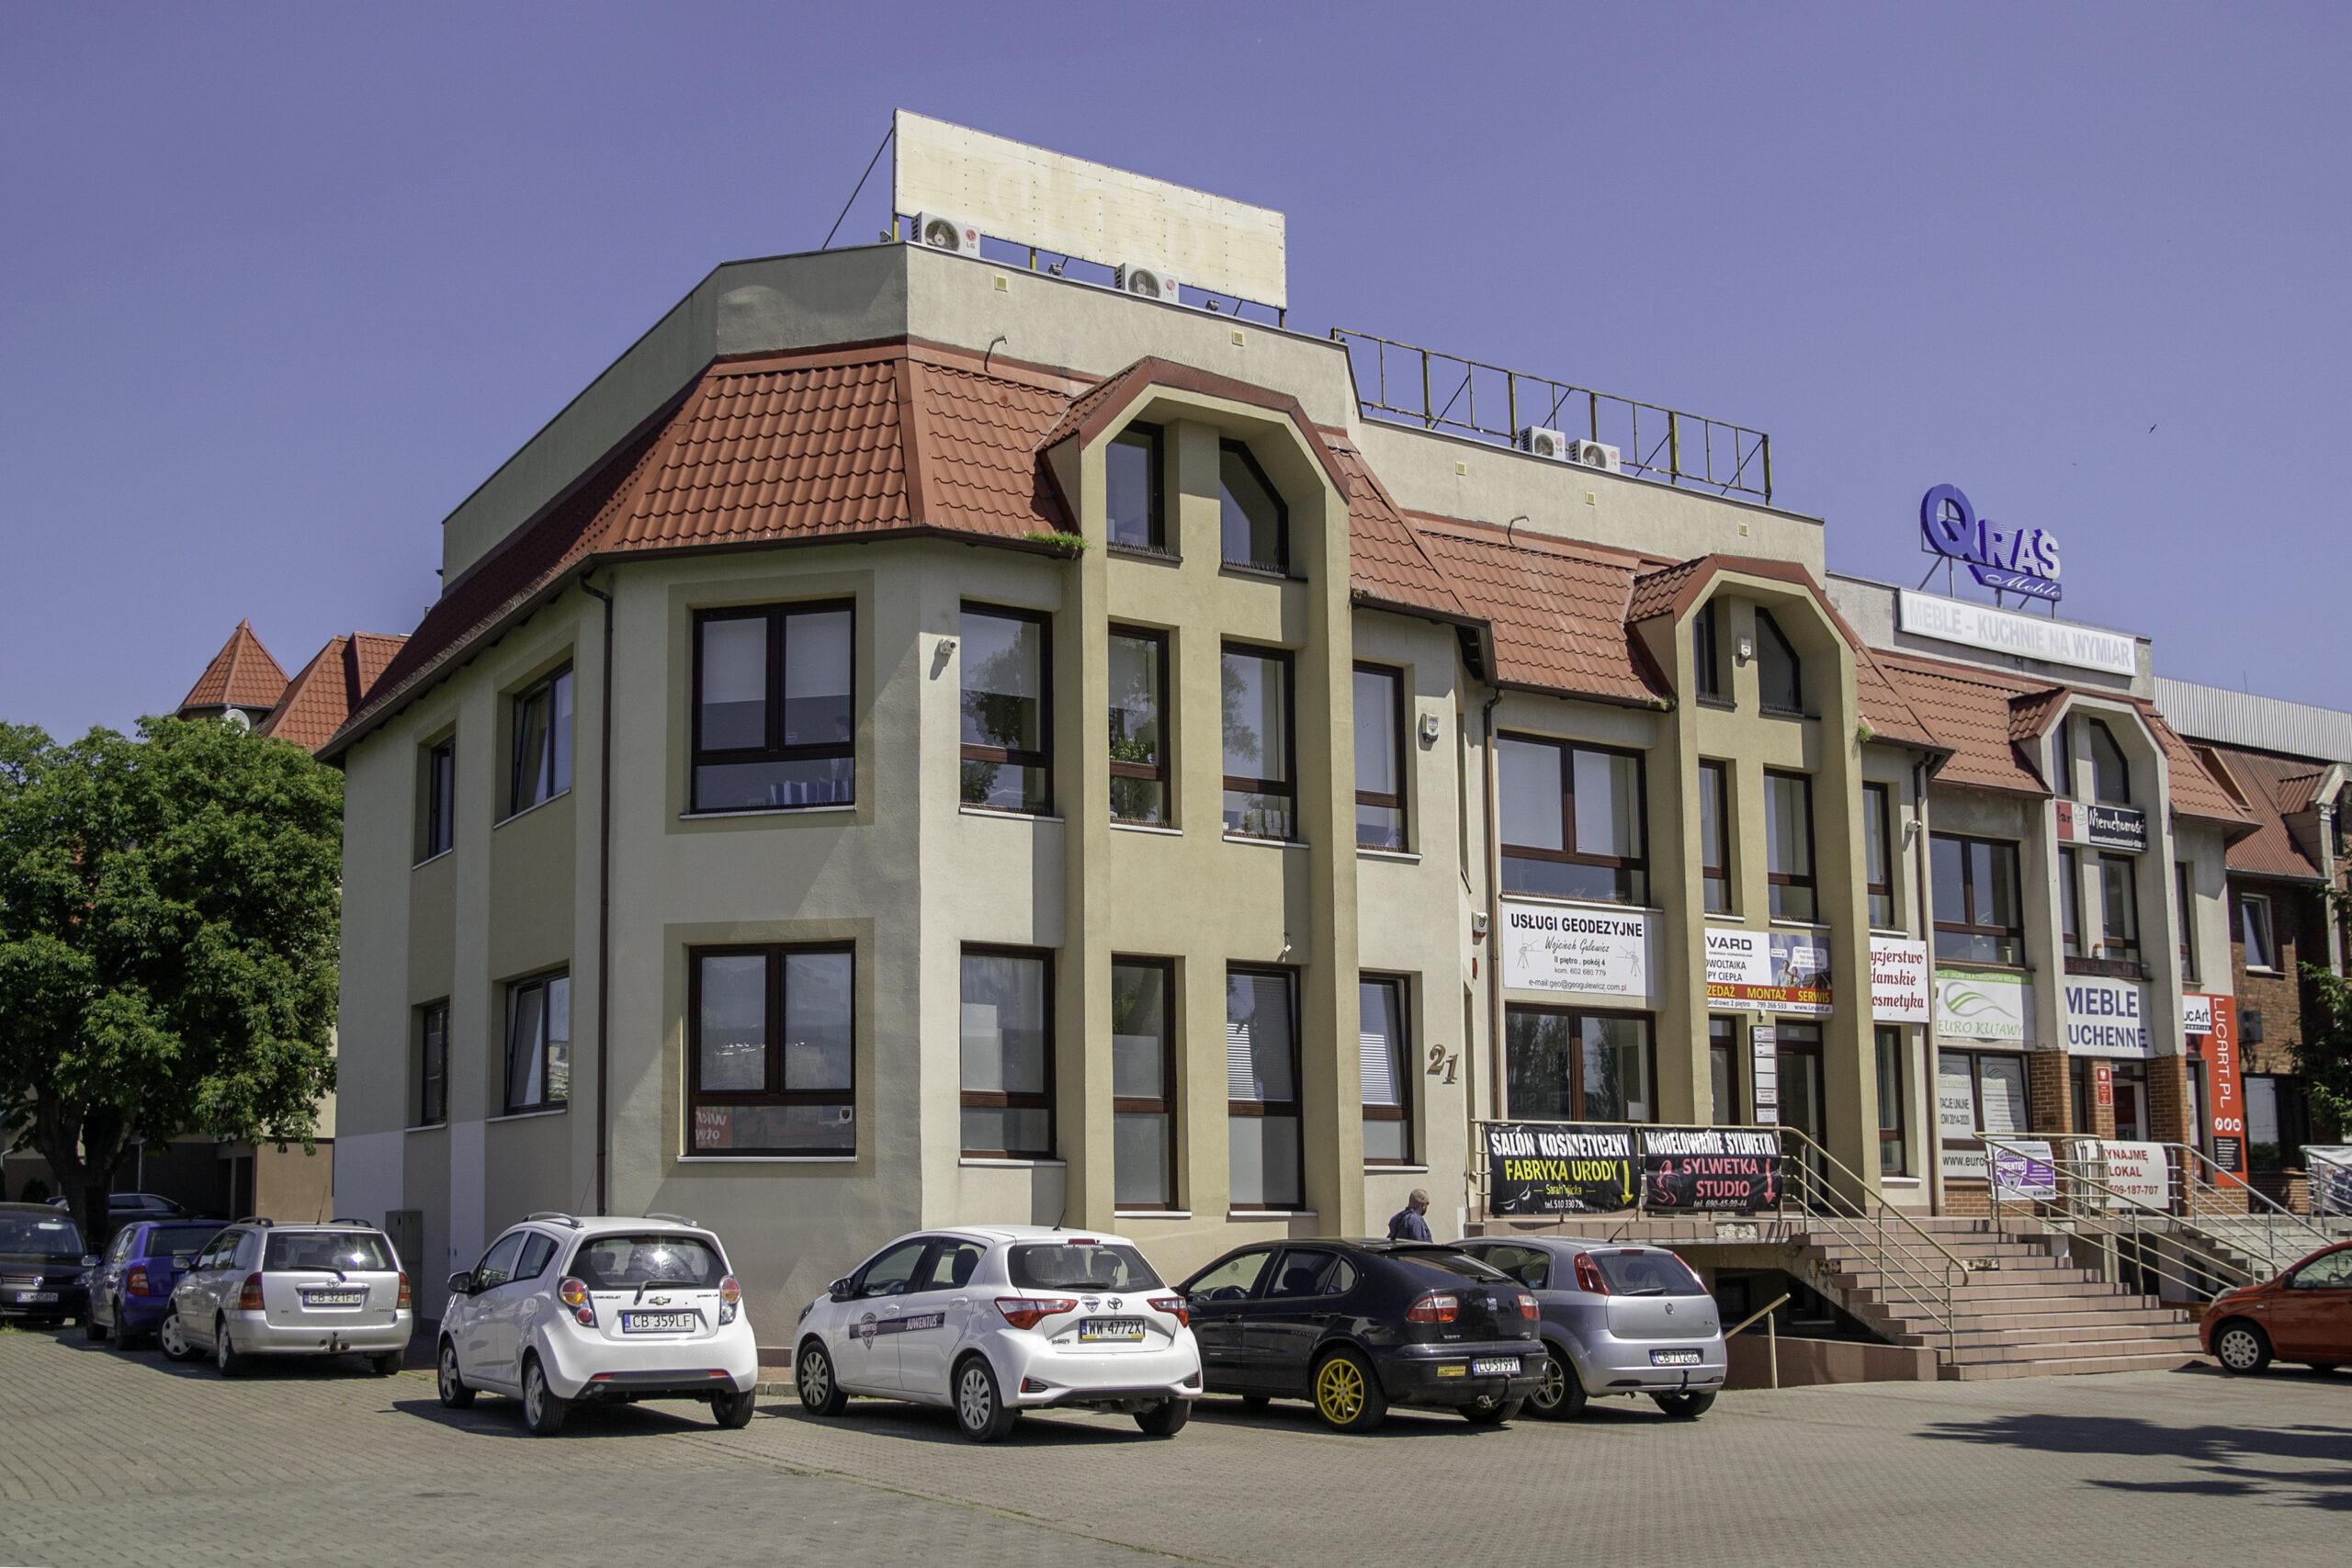 Lokale handlowe/usługowe oraz mieszkania do wynajęcia w Bydgoszczy